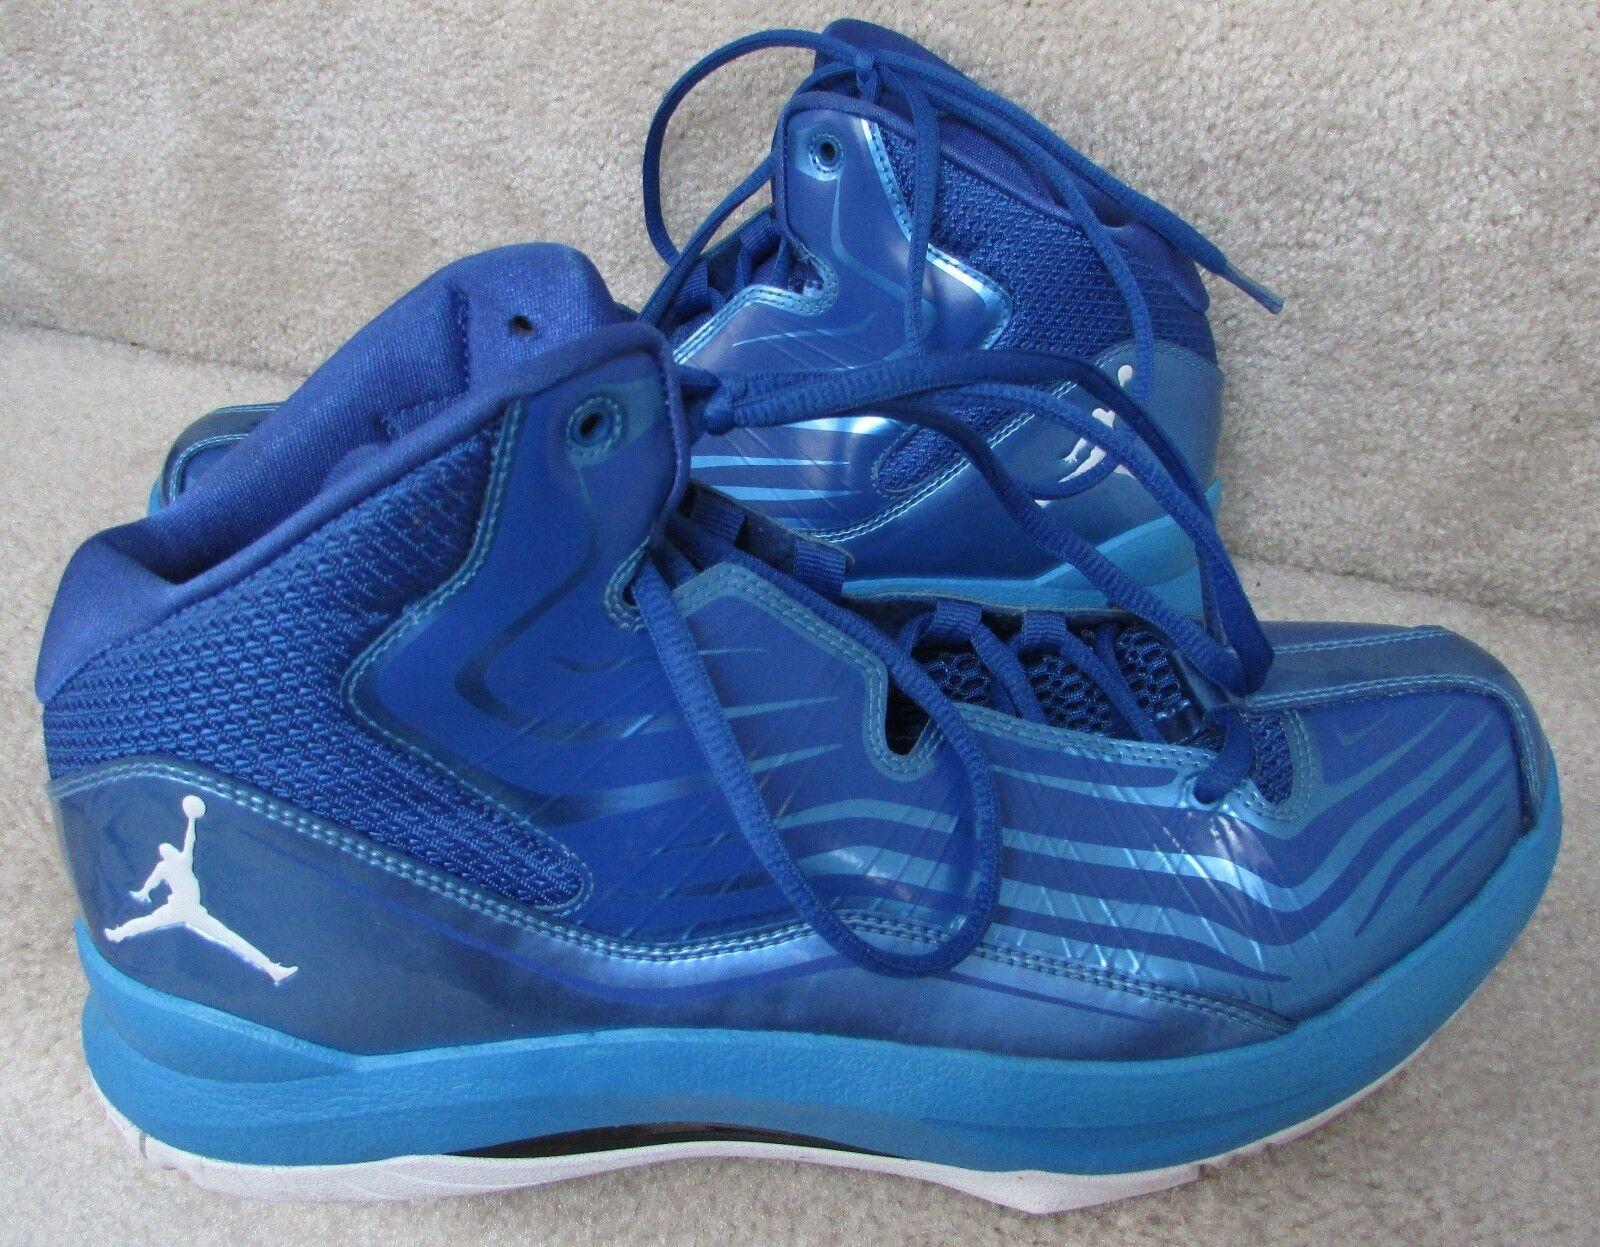 Uomo nike jordan aero mania scarpe taglia 9 campioni 552313-405 basket.